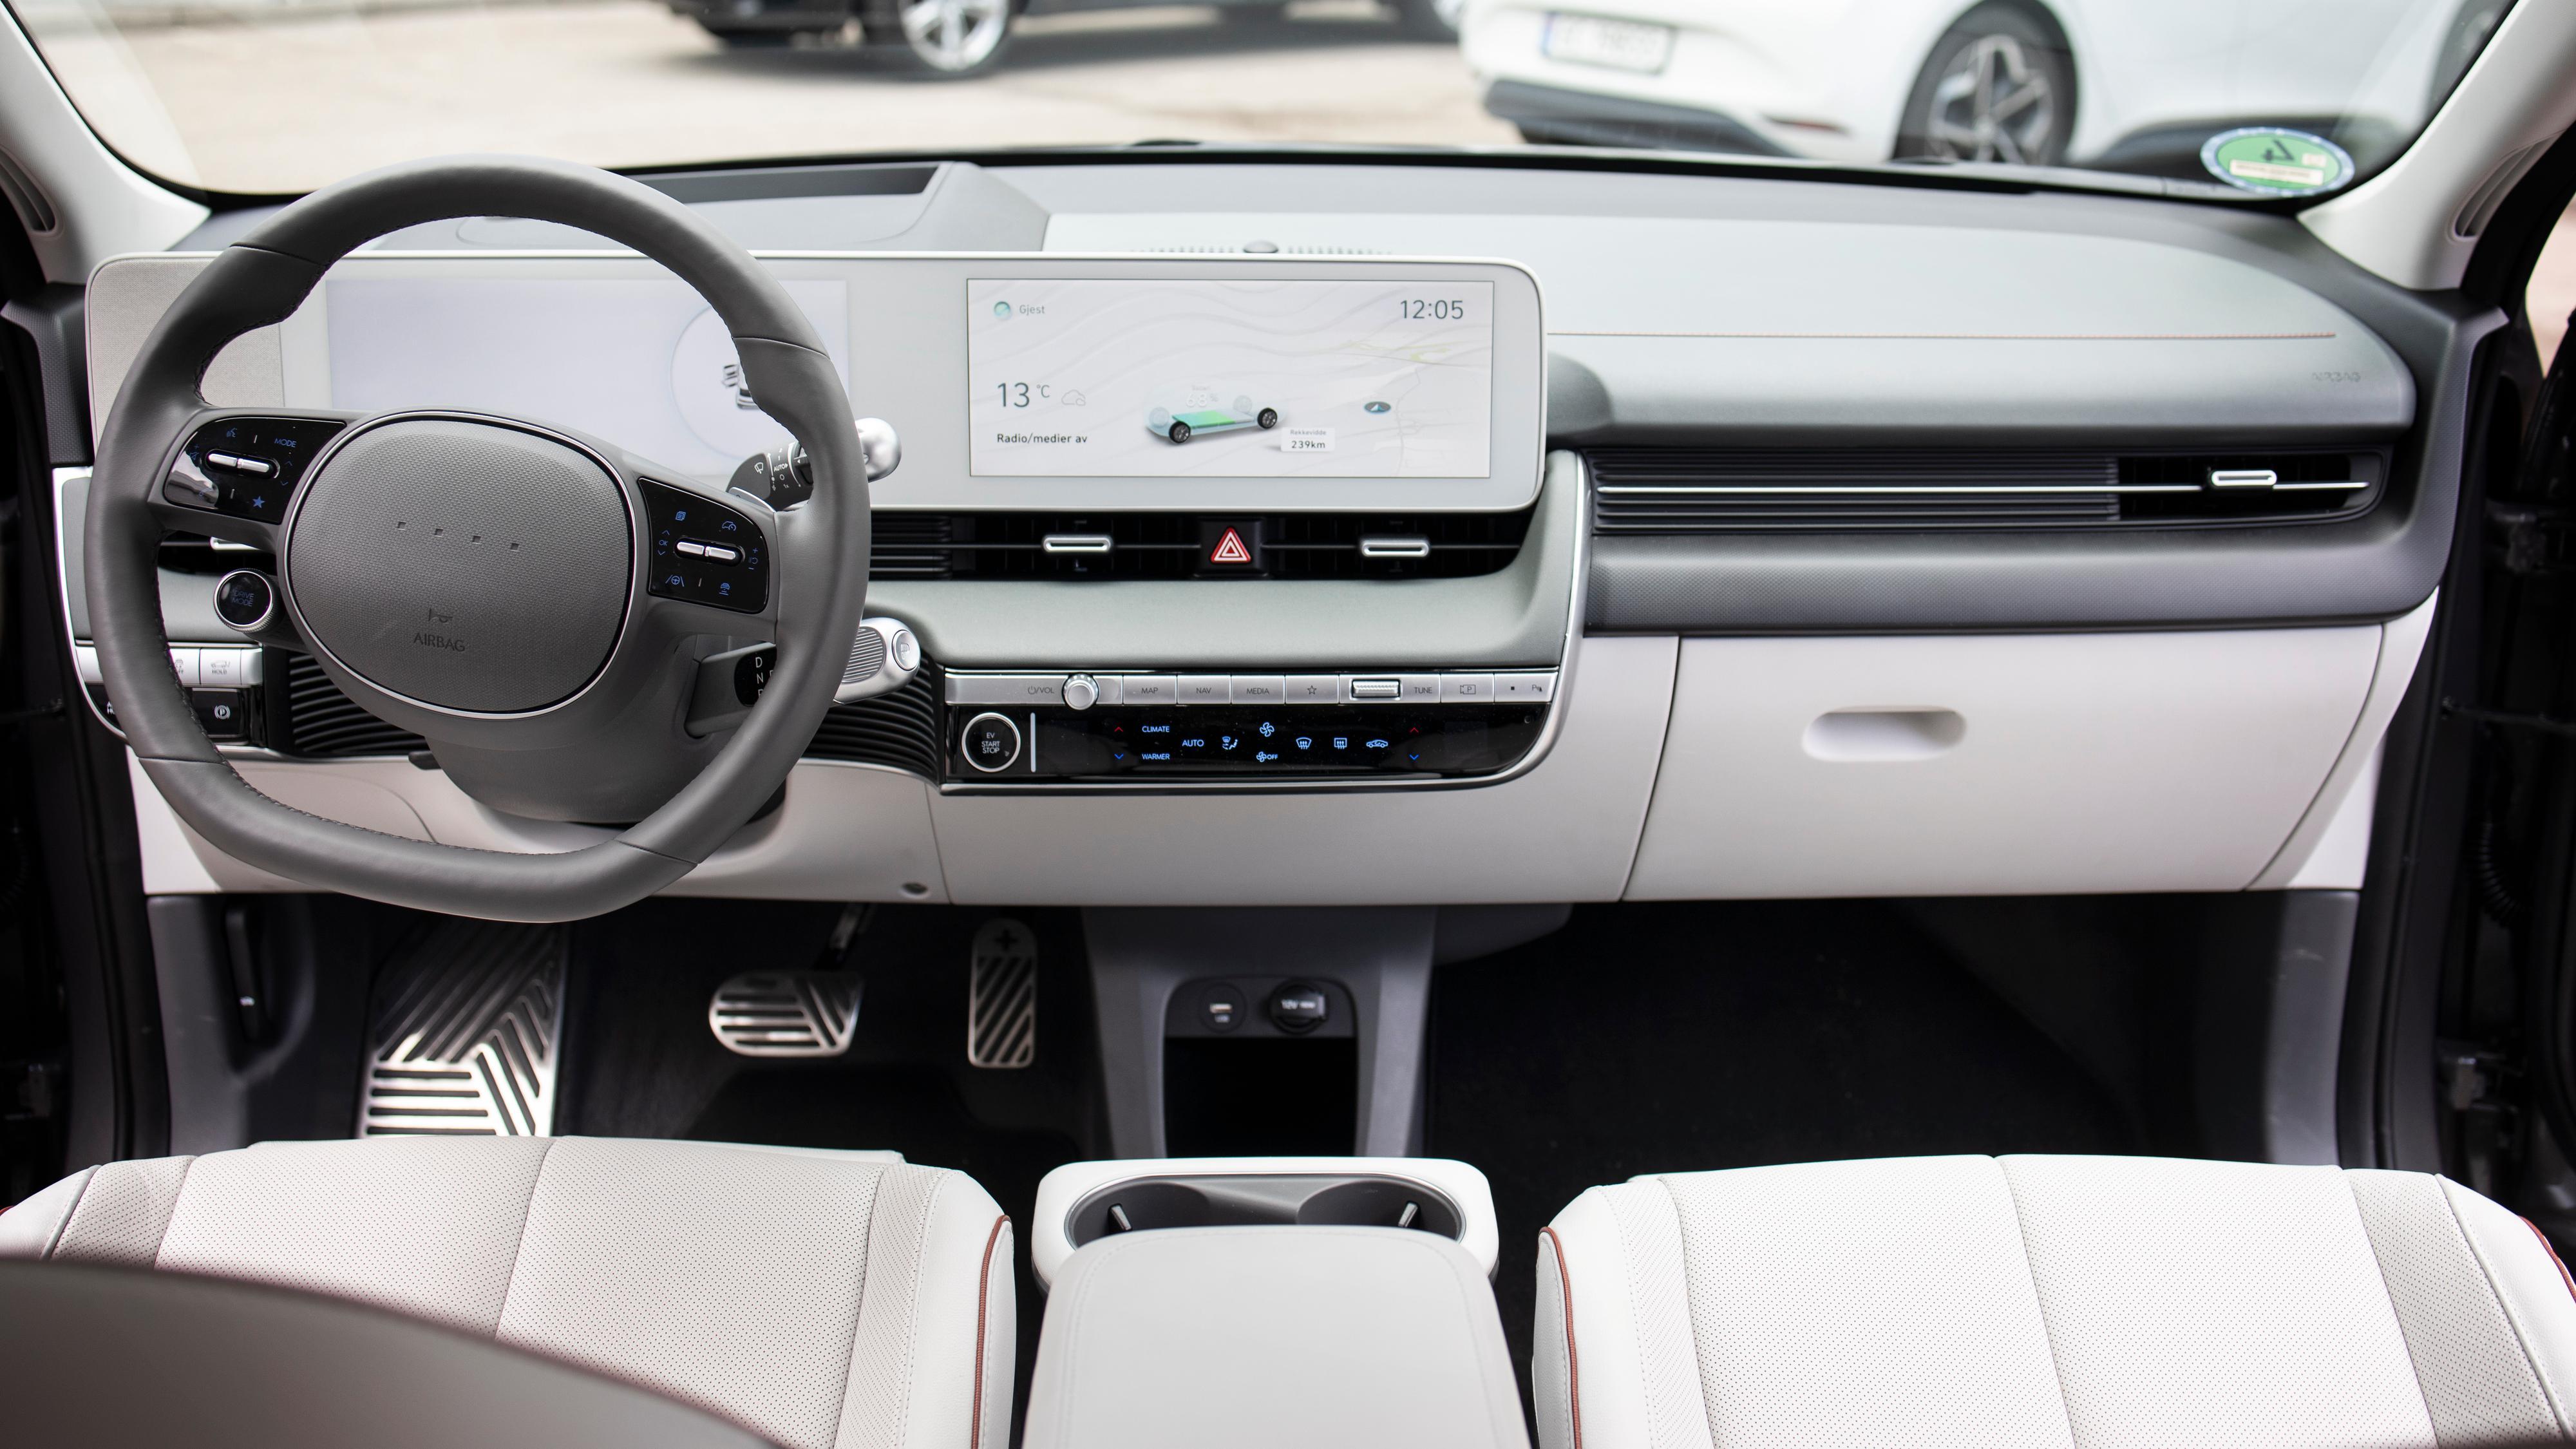 Lyst interiør i bilen vi kjørte. Legg merke til det grønngrå skinnmaterialet i front, som er litt spesielt.